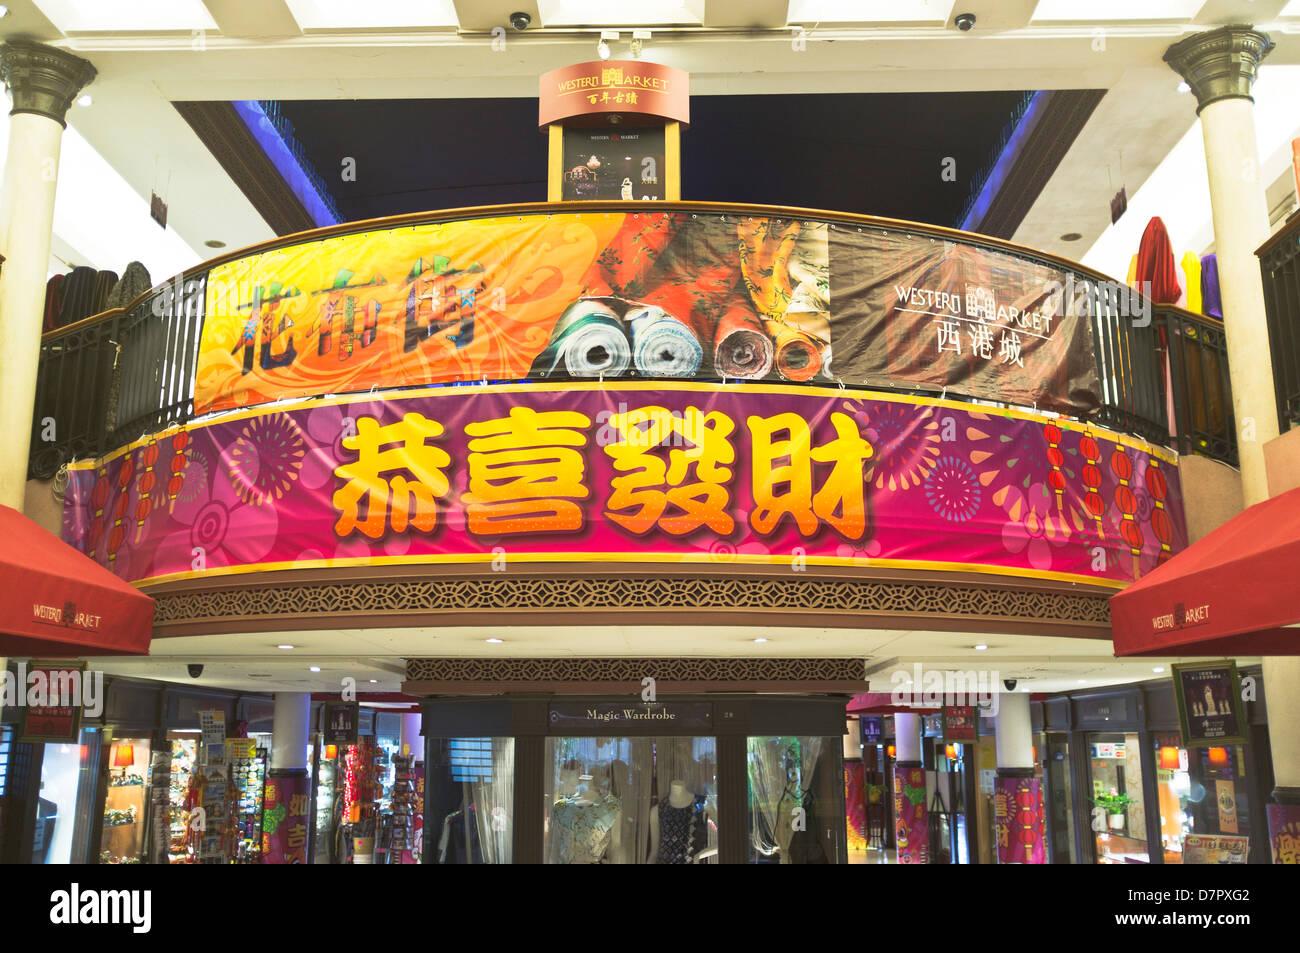 dh western market sheung wan hong kong chinese new year banner display shopping mall interior